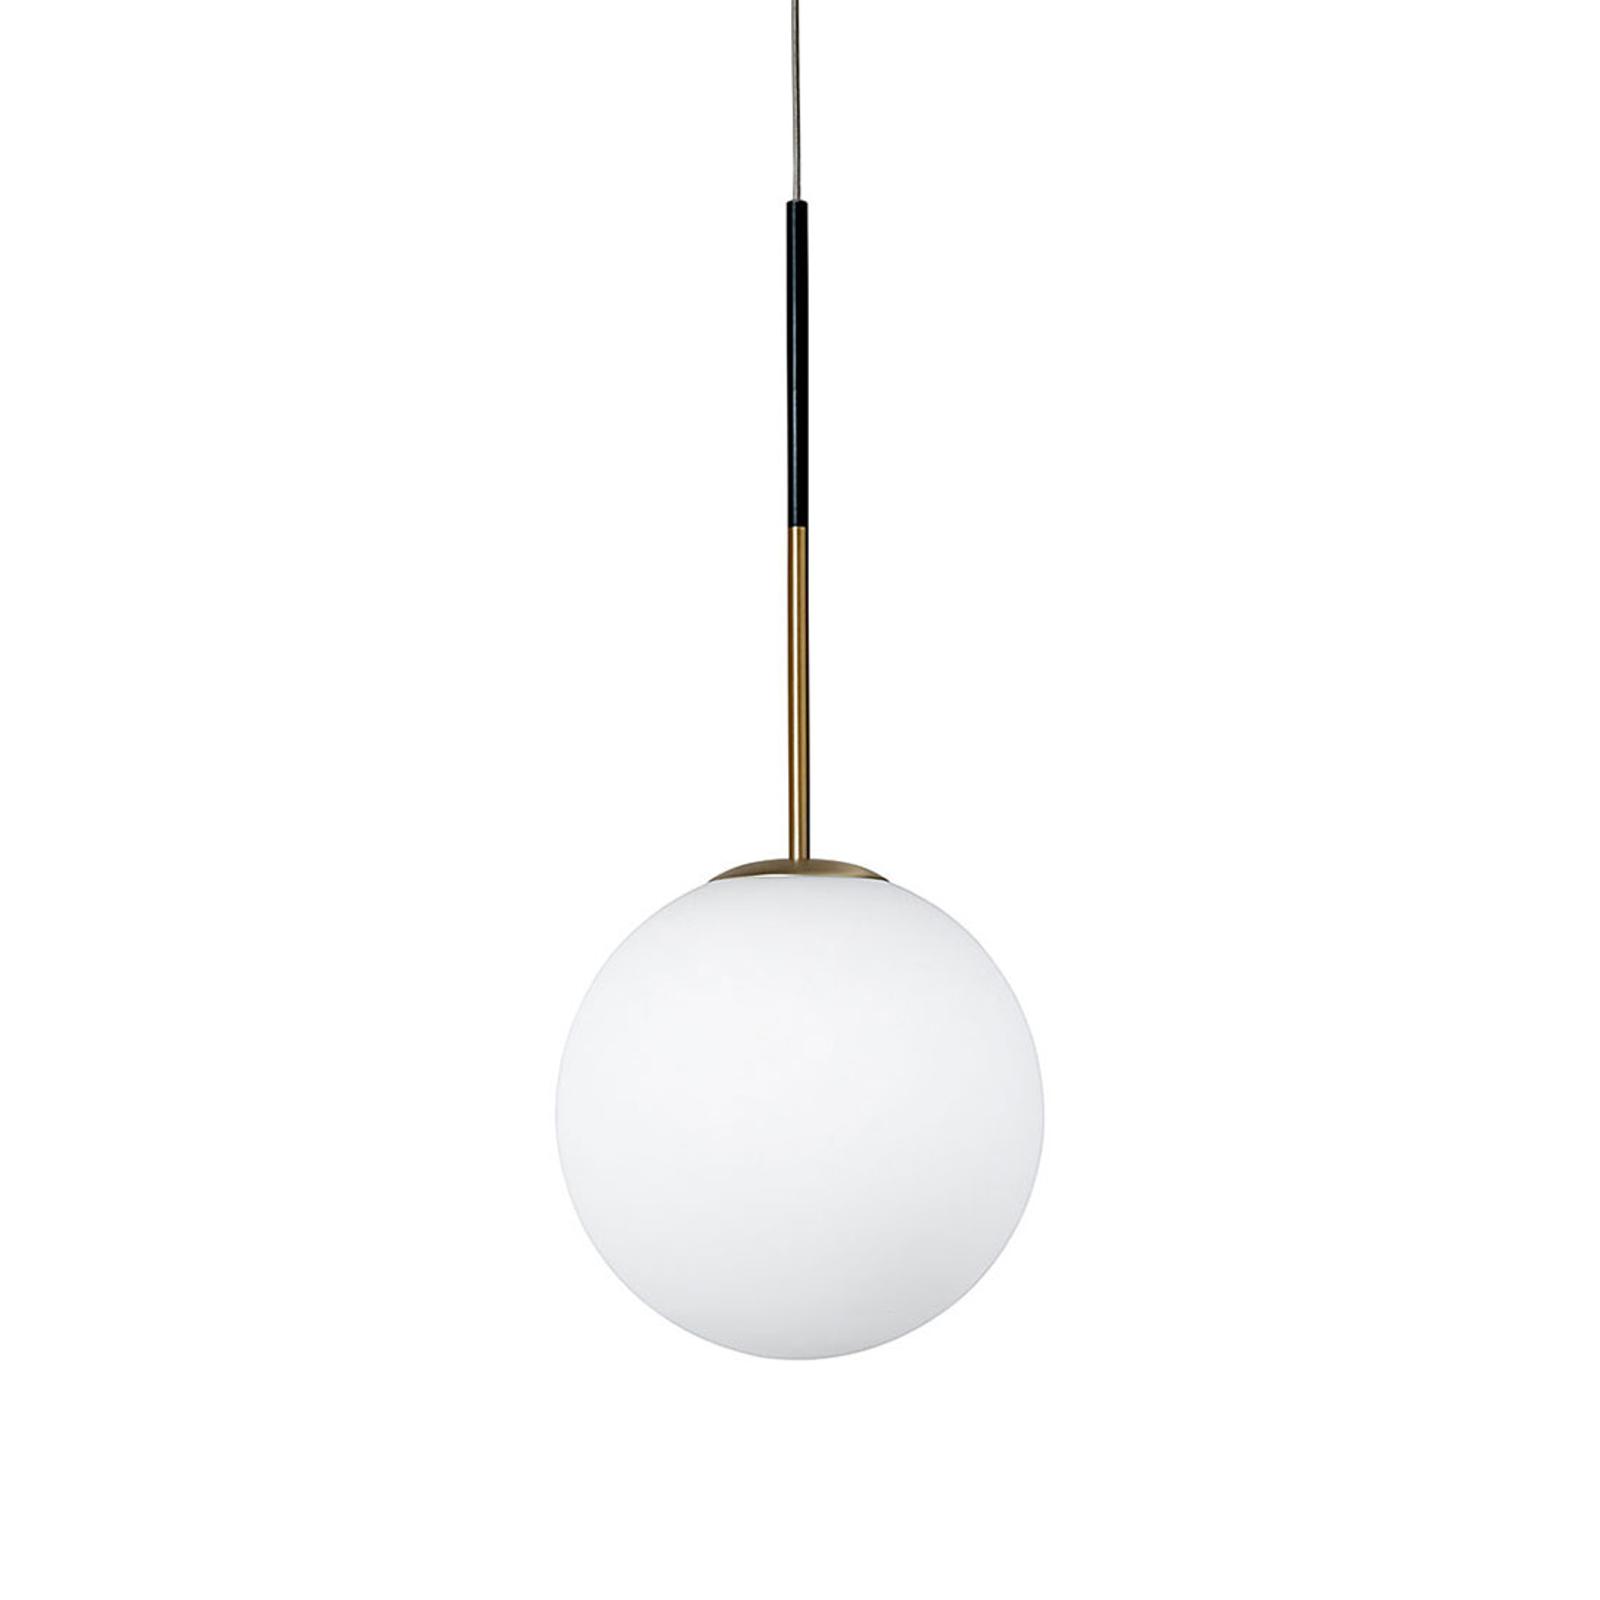 Lampada sospensione Jugen 1 luce